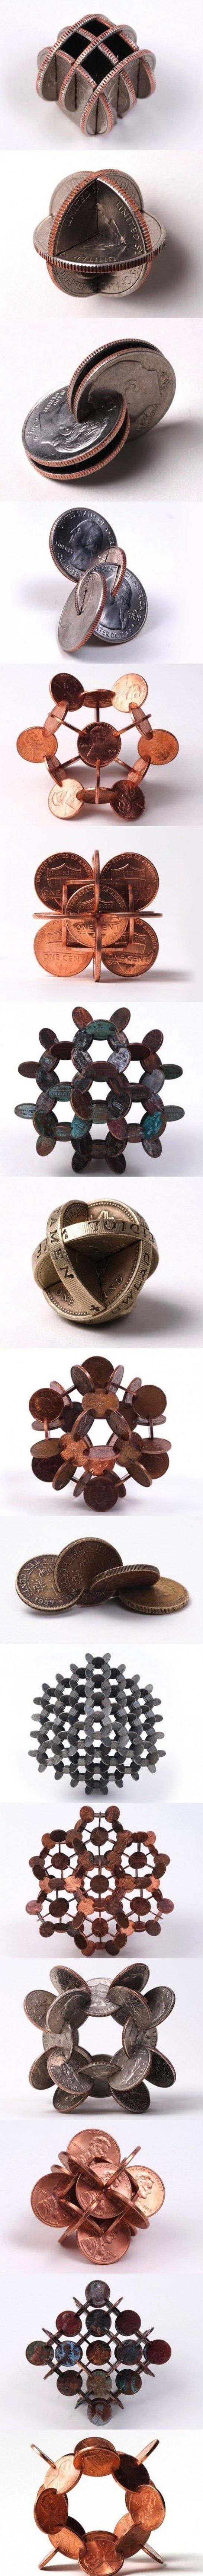 Coin art